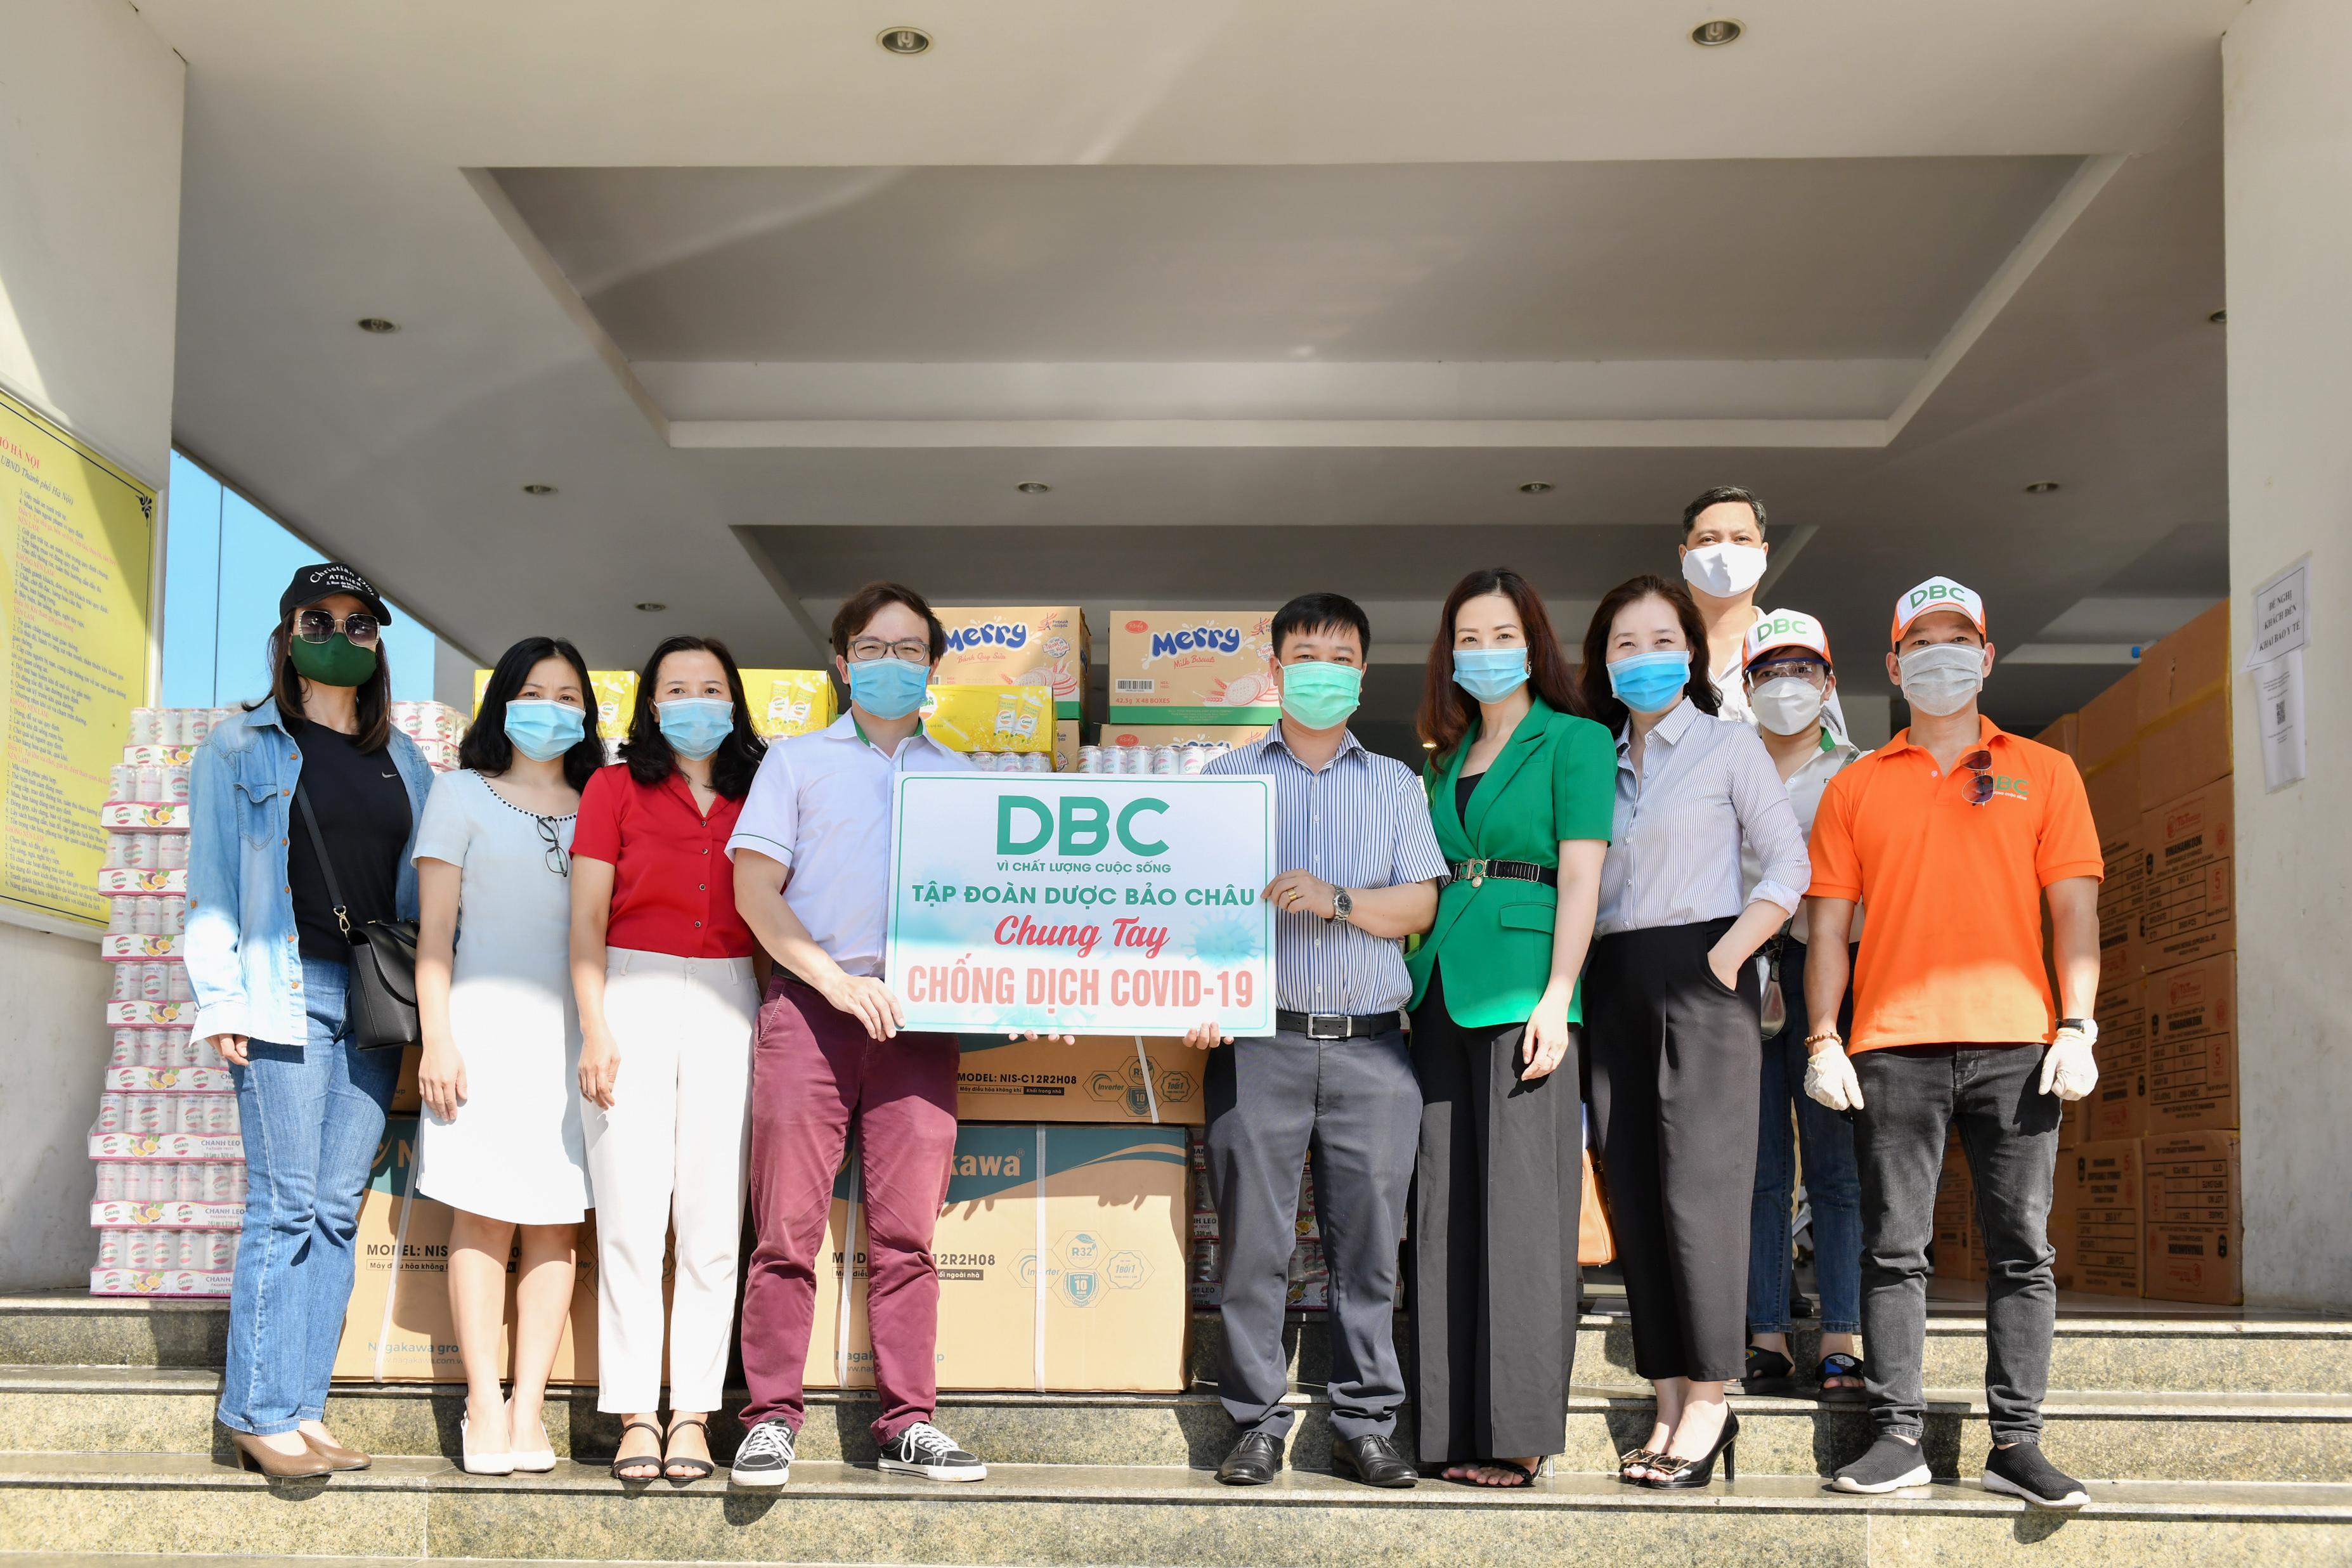 Những món quà ý nghĩa, thiết thực của Tập đoàn Dược Bảo Châu được trao tới Trung tâm Kiểm soát Bệnh tật TP.Hà Nội